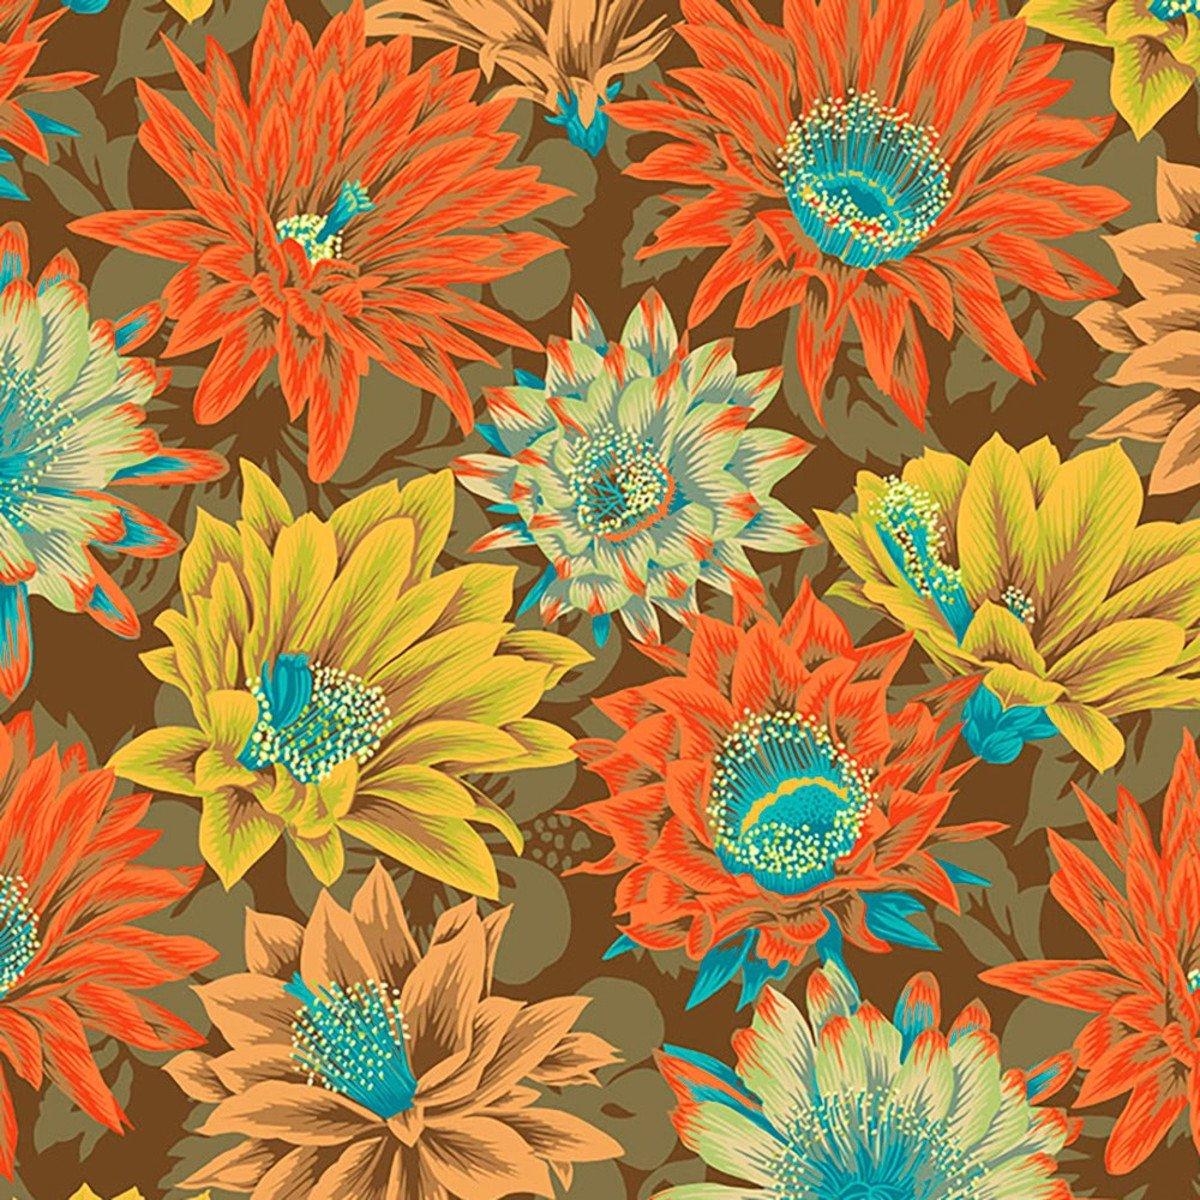 Fabric Cactus Flower Brown Kaffe Fassett